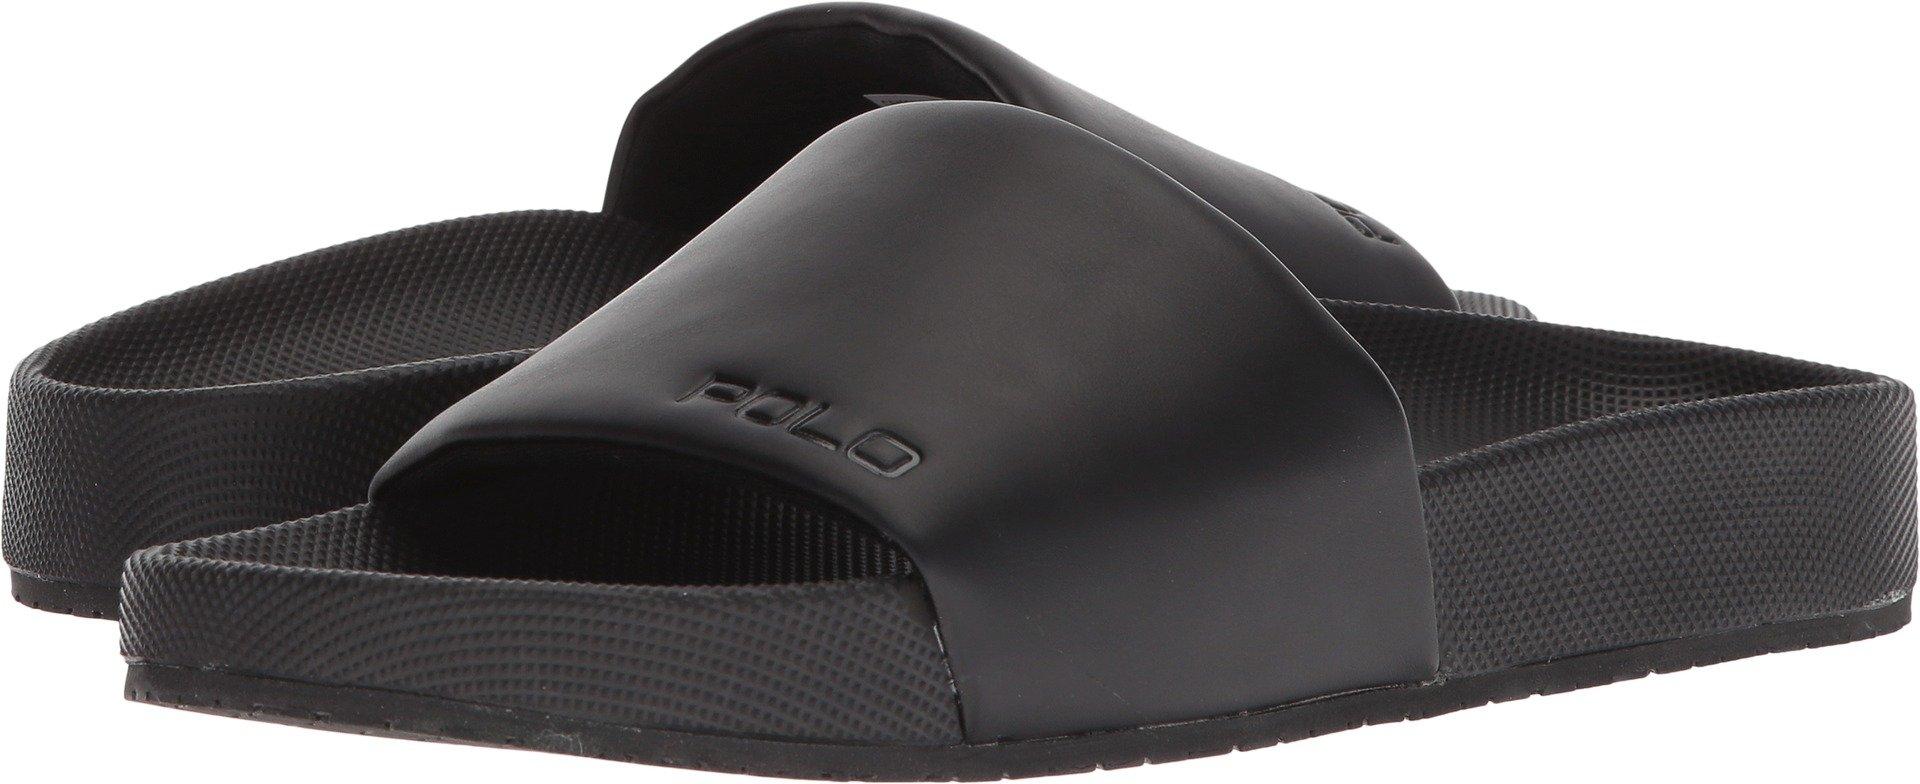 Polo Ralph Lauren Men's Cayson Slide Sandal, Black, 12 D US